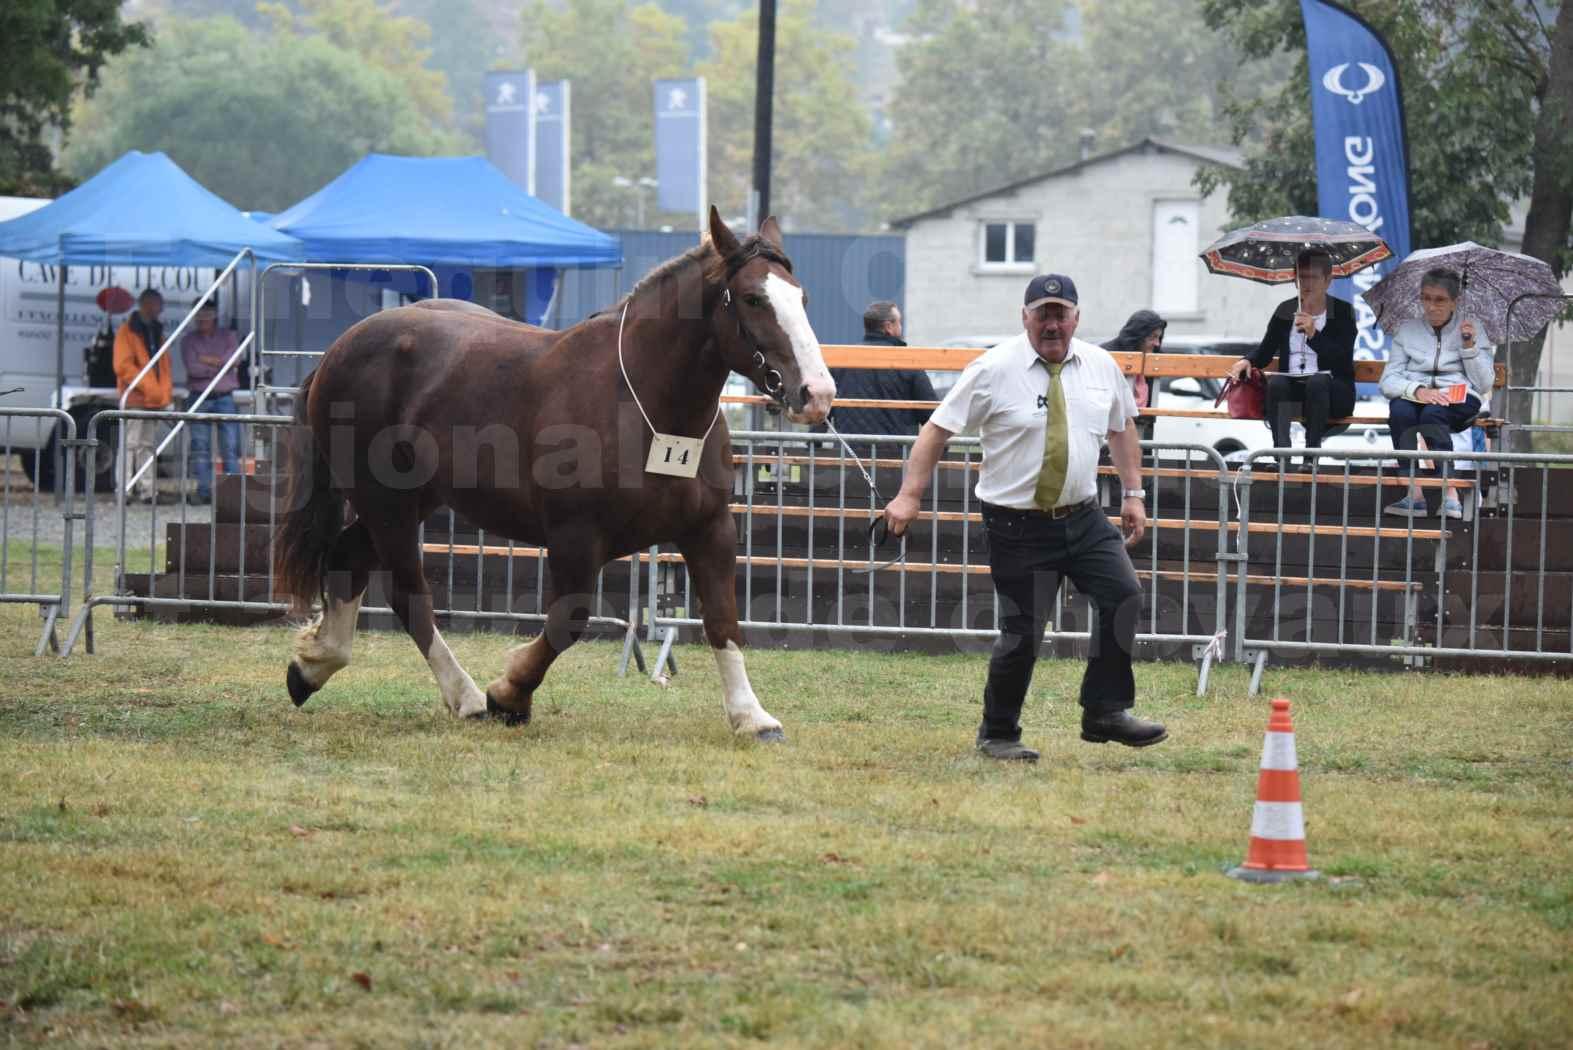 Concours Régional de chevaux de traits en 2017 - Trait BRETON - FRIVOLE DU JAUDY - 09